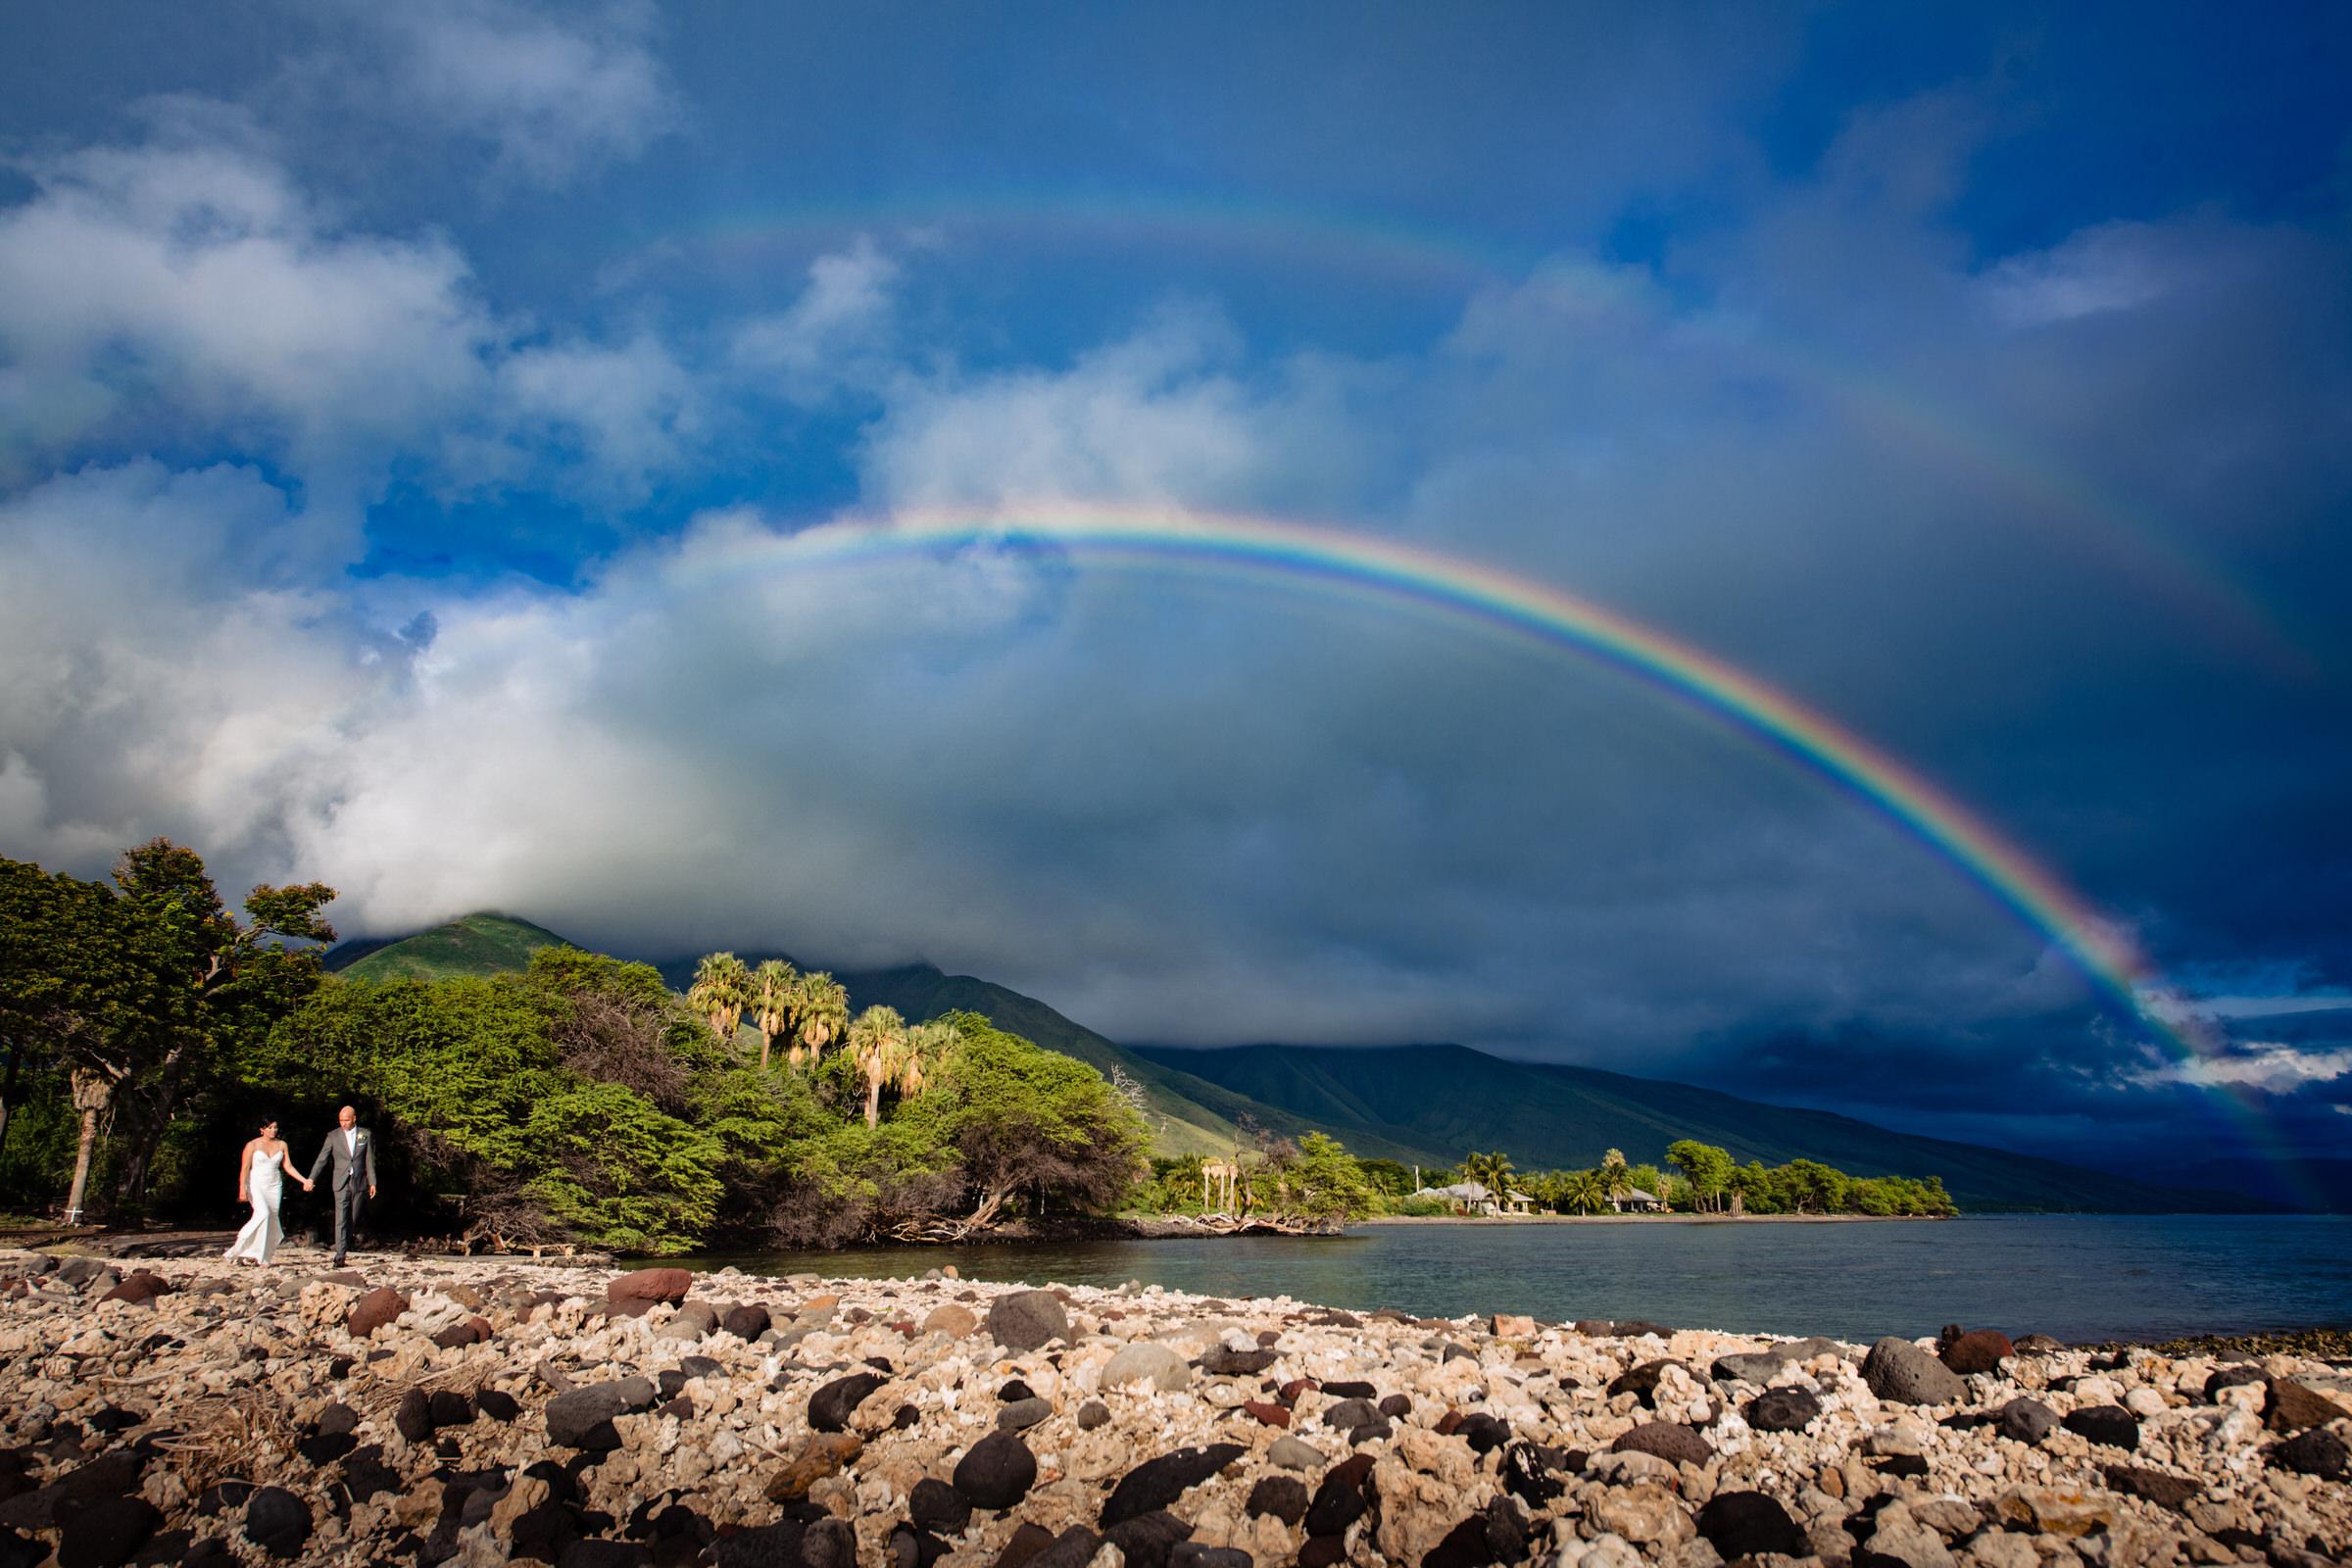 couple-walk-on-beach-under-double-rainbow--angela-nelson-photography